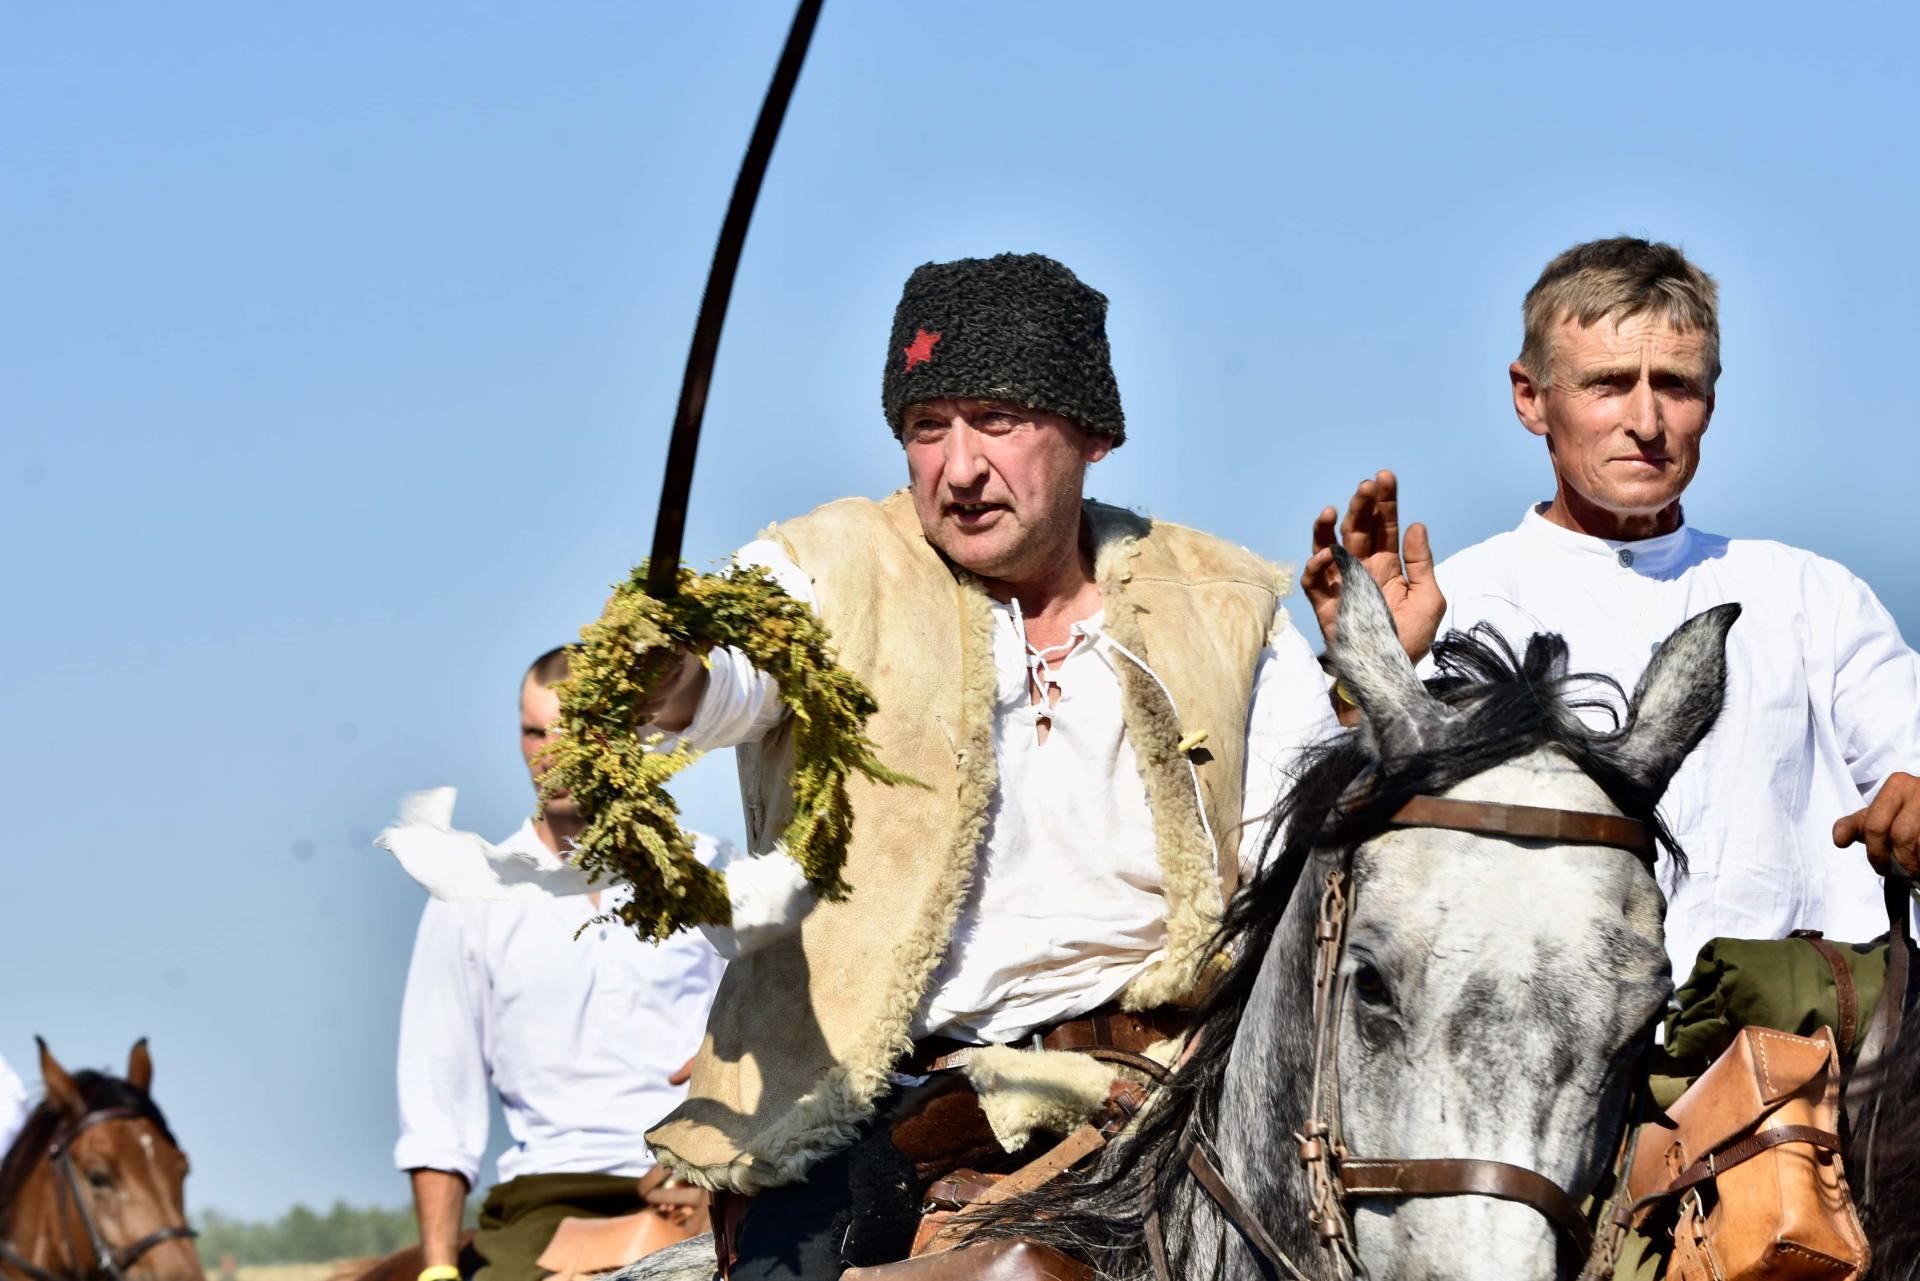 dsc 1119 Czas szabli - 100 rocznica bitwy pod Komarowem(zdjęcia)